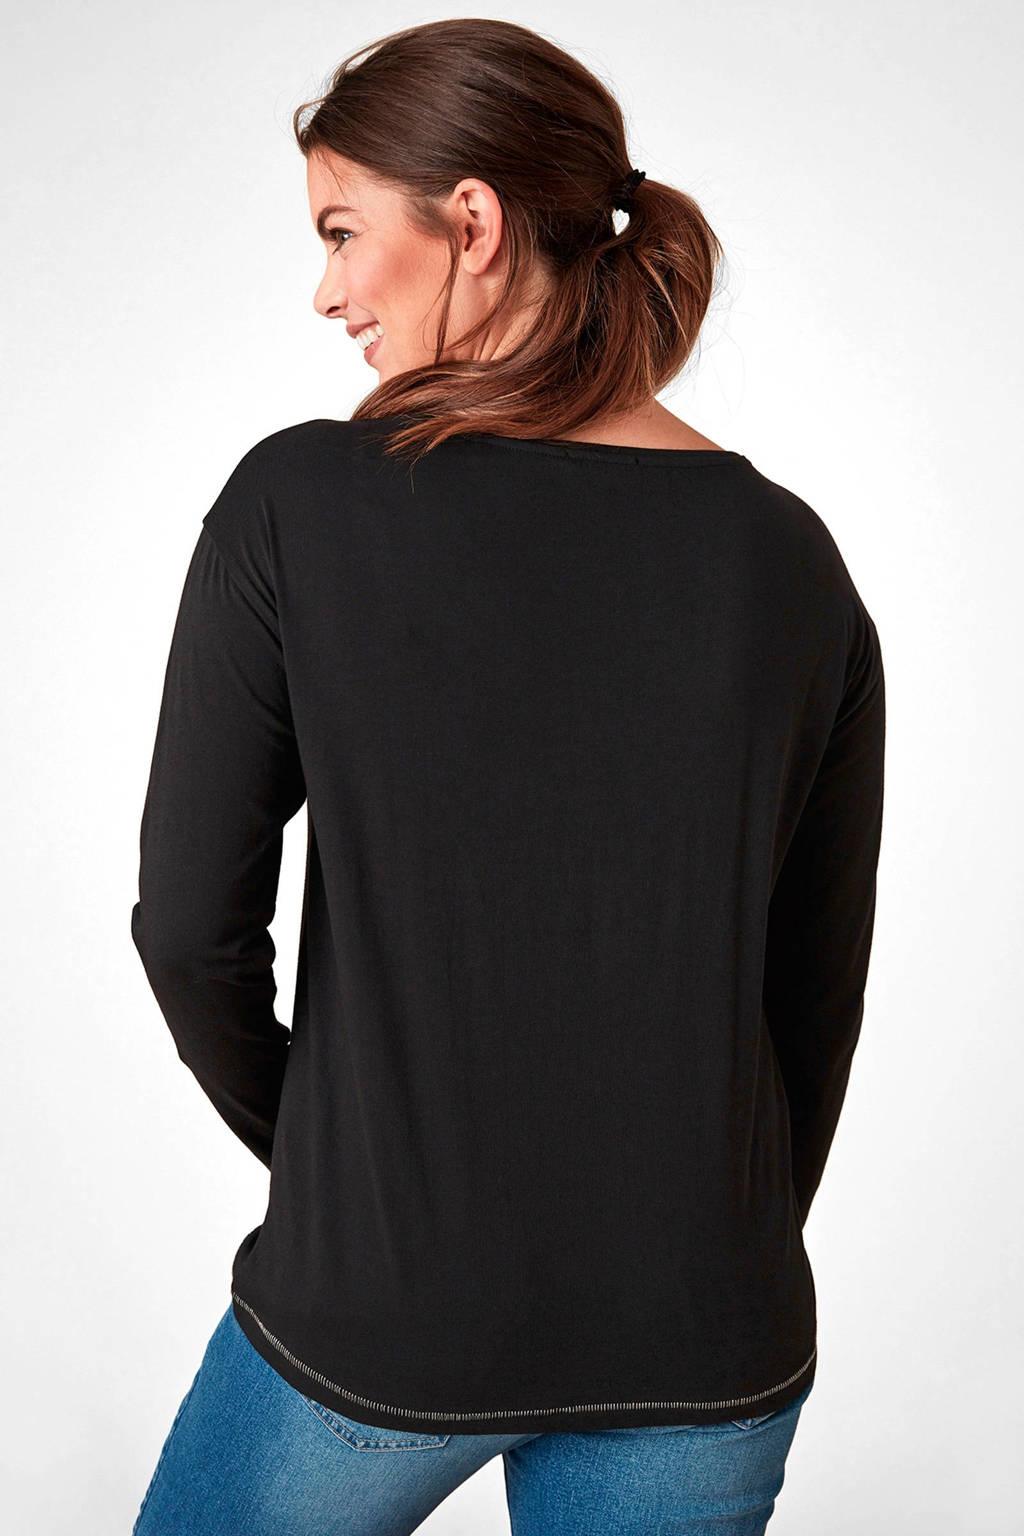 Borduursels Zwart Trianglet Met shirt Trianglet shirt wvxqY1F